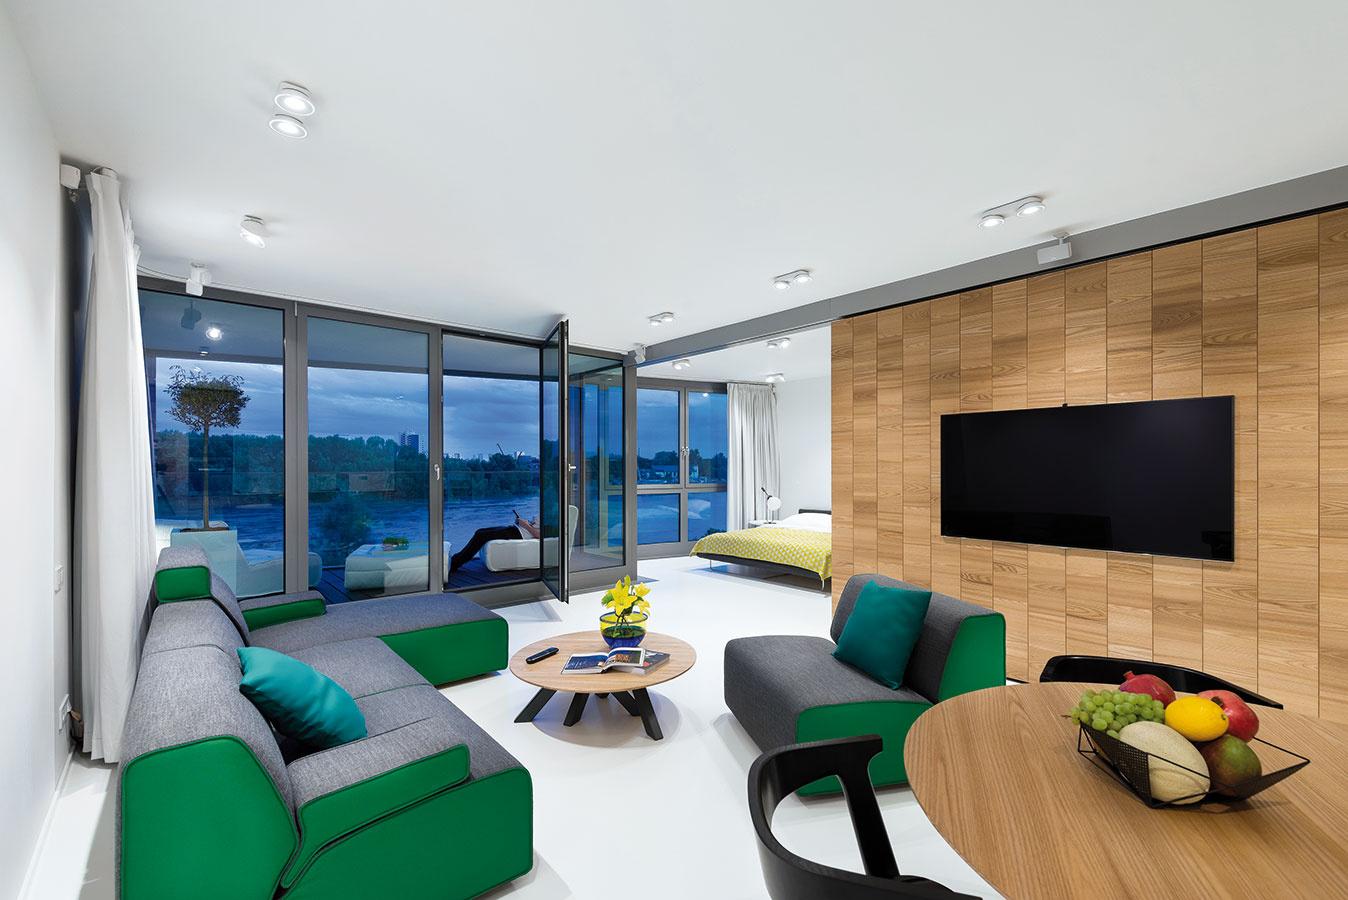 Maximálne otvorená dispozícia. Pôvodne otvorenú dennú zónu – obývačku spojenú skuchyňou ajedálňou – prepojili pomocou posuvnej steny aj so spálňou, tak, aby byt poskytol maximum využiteľného priestoru aj aby sa naplno využil exkluzívny výhľad.